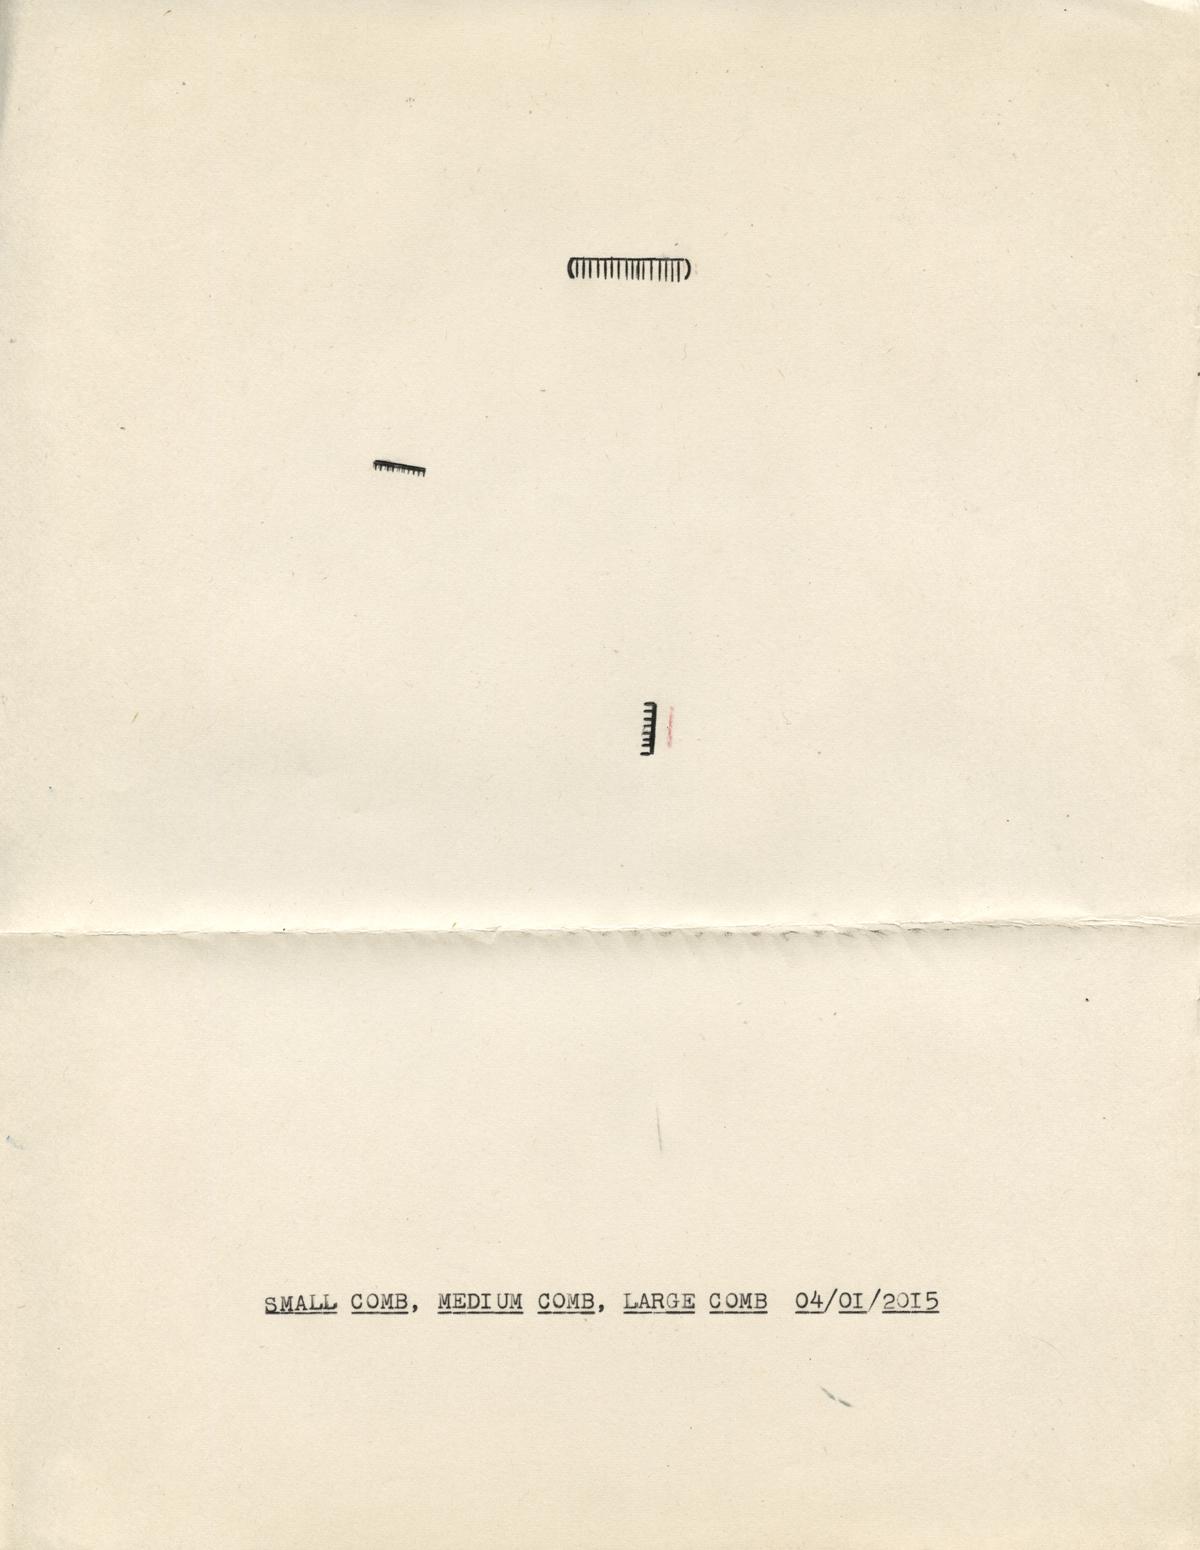 typewriter_drawing_combs.jpg